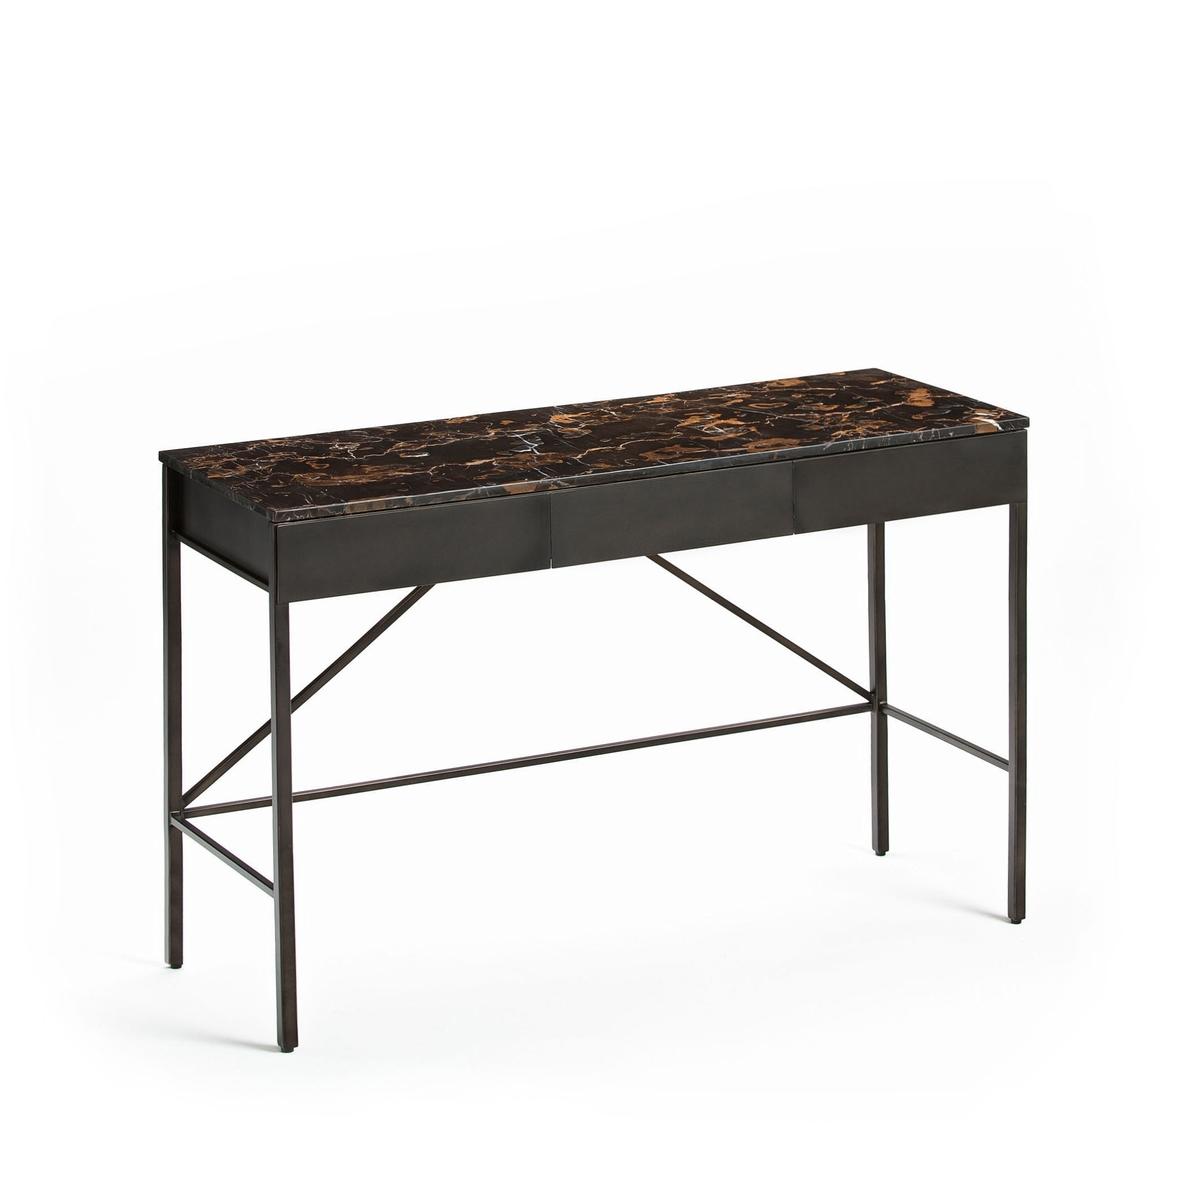 Письменный стол-консоль со столешницей из мрамора янтарного цвета, Fébée стол консоль из янтарного мрамора и металла д 125 см ambrette